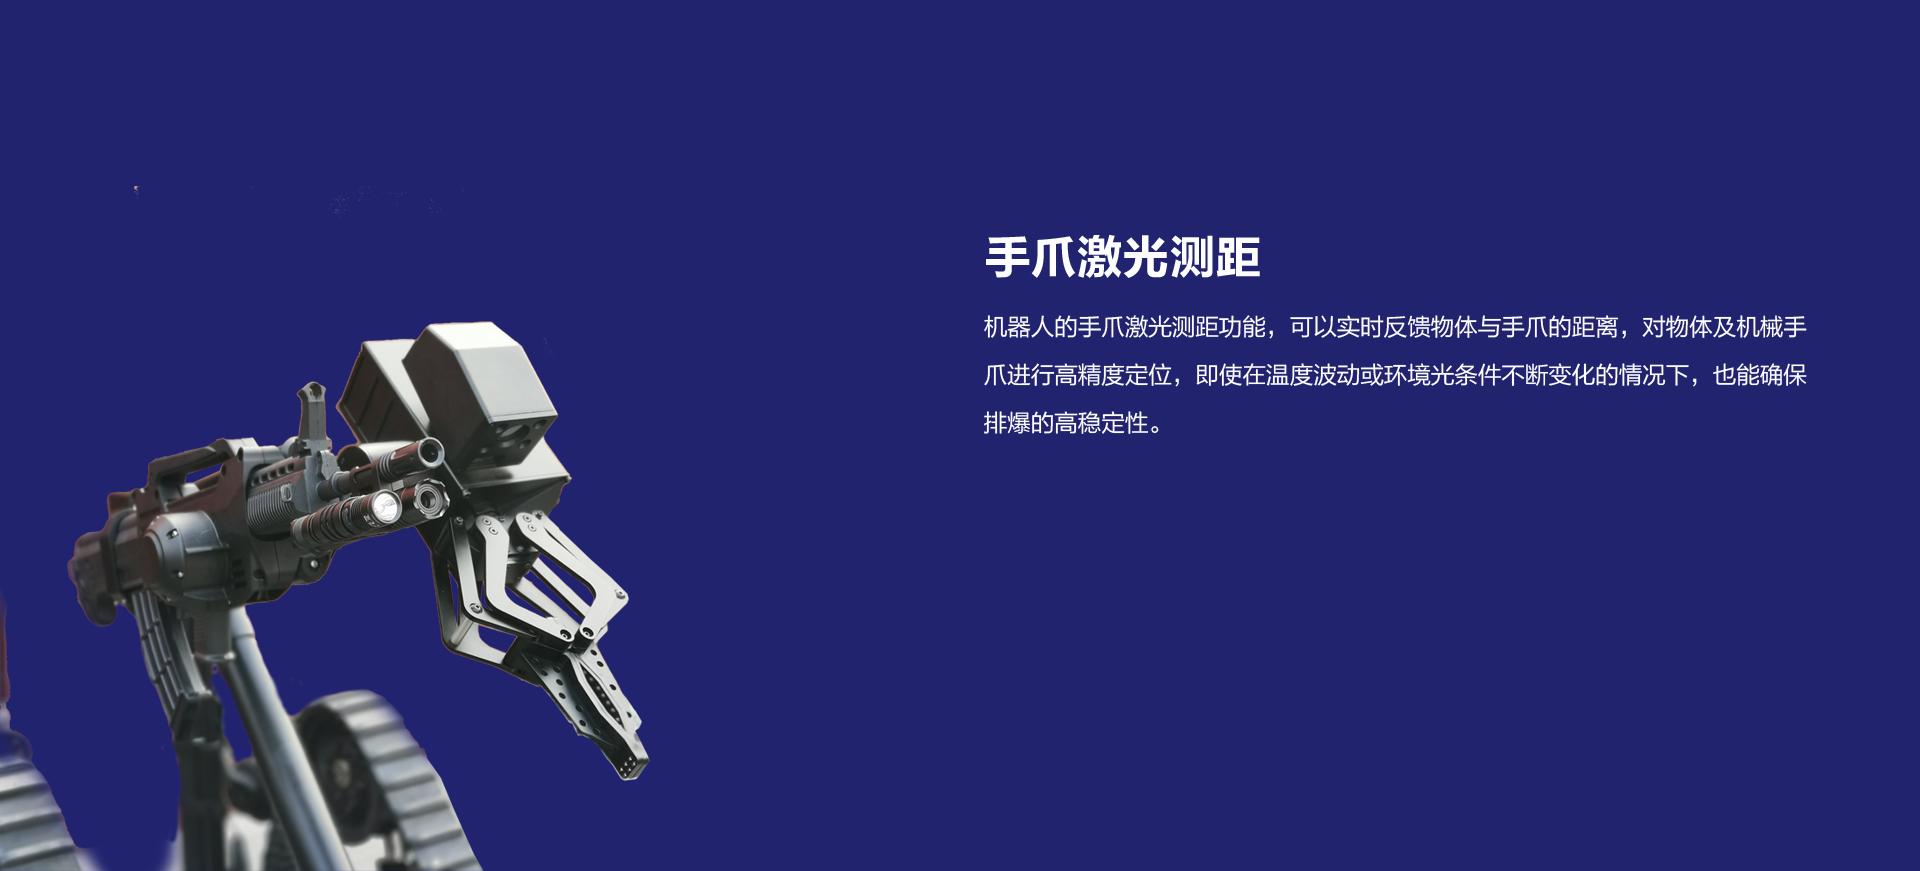 远程武装打击机器人 TrackerIIILS